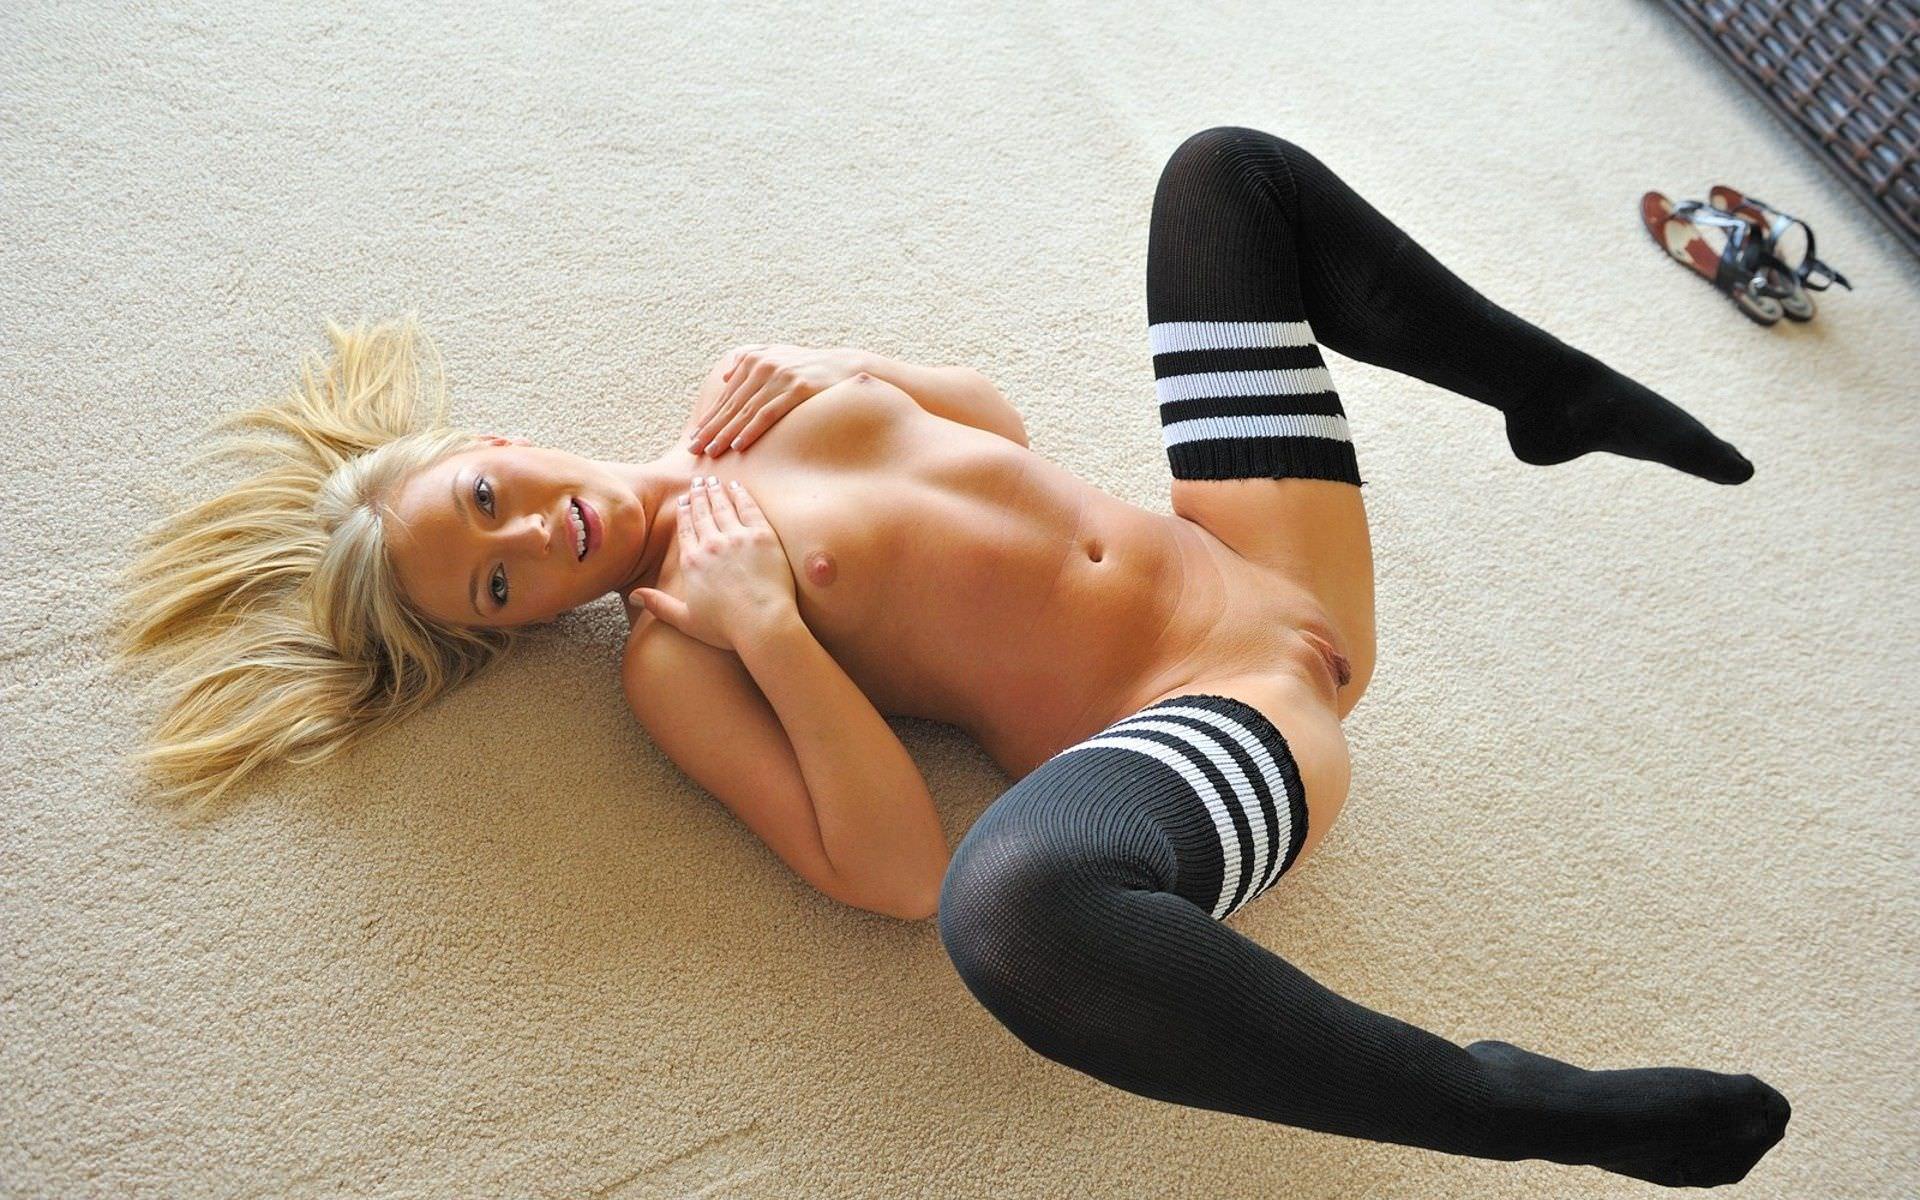 Секс с девушкой в трусах и в носках 10 фотография